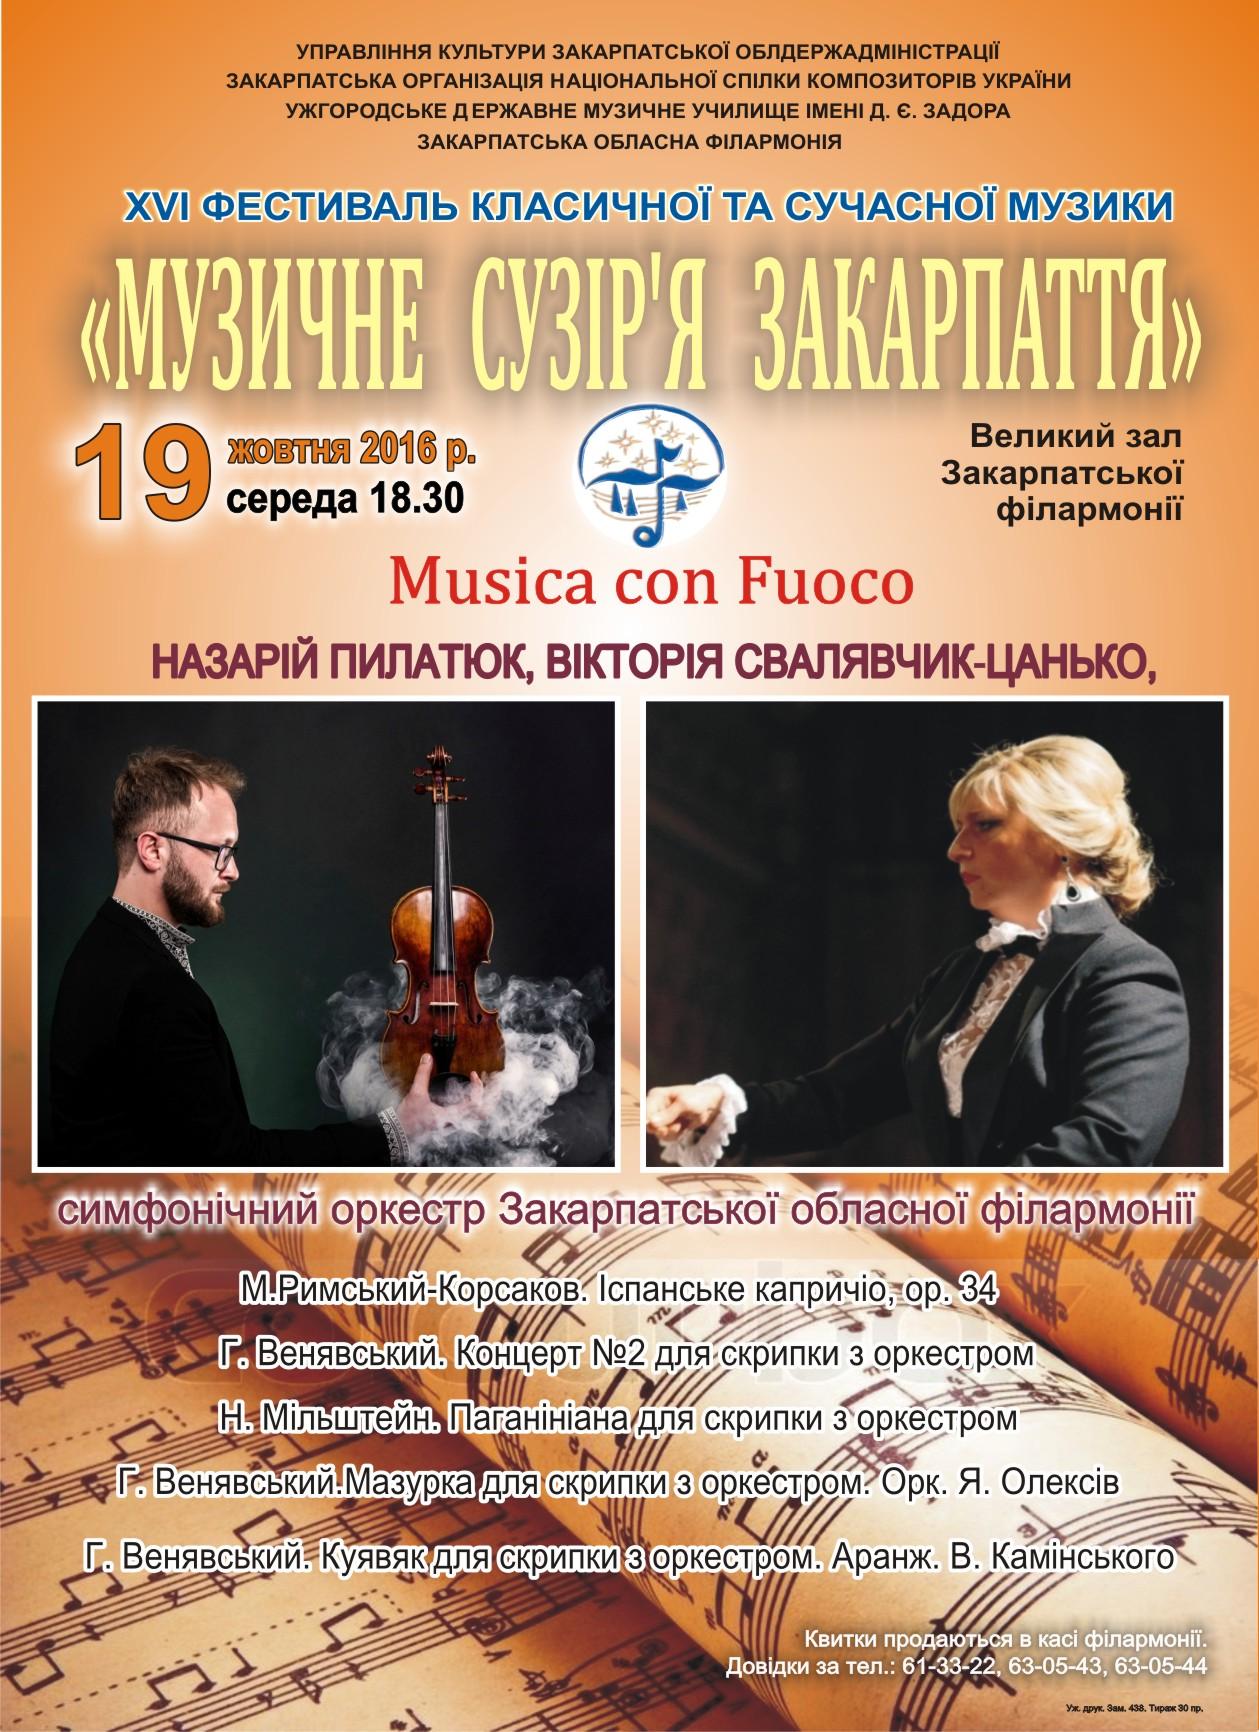 """""""Музичне сузір'я Закарпаття"""": в Ужгороді відбудеться XVI фестиваль сучасної та класичної музики"""